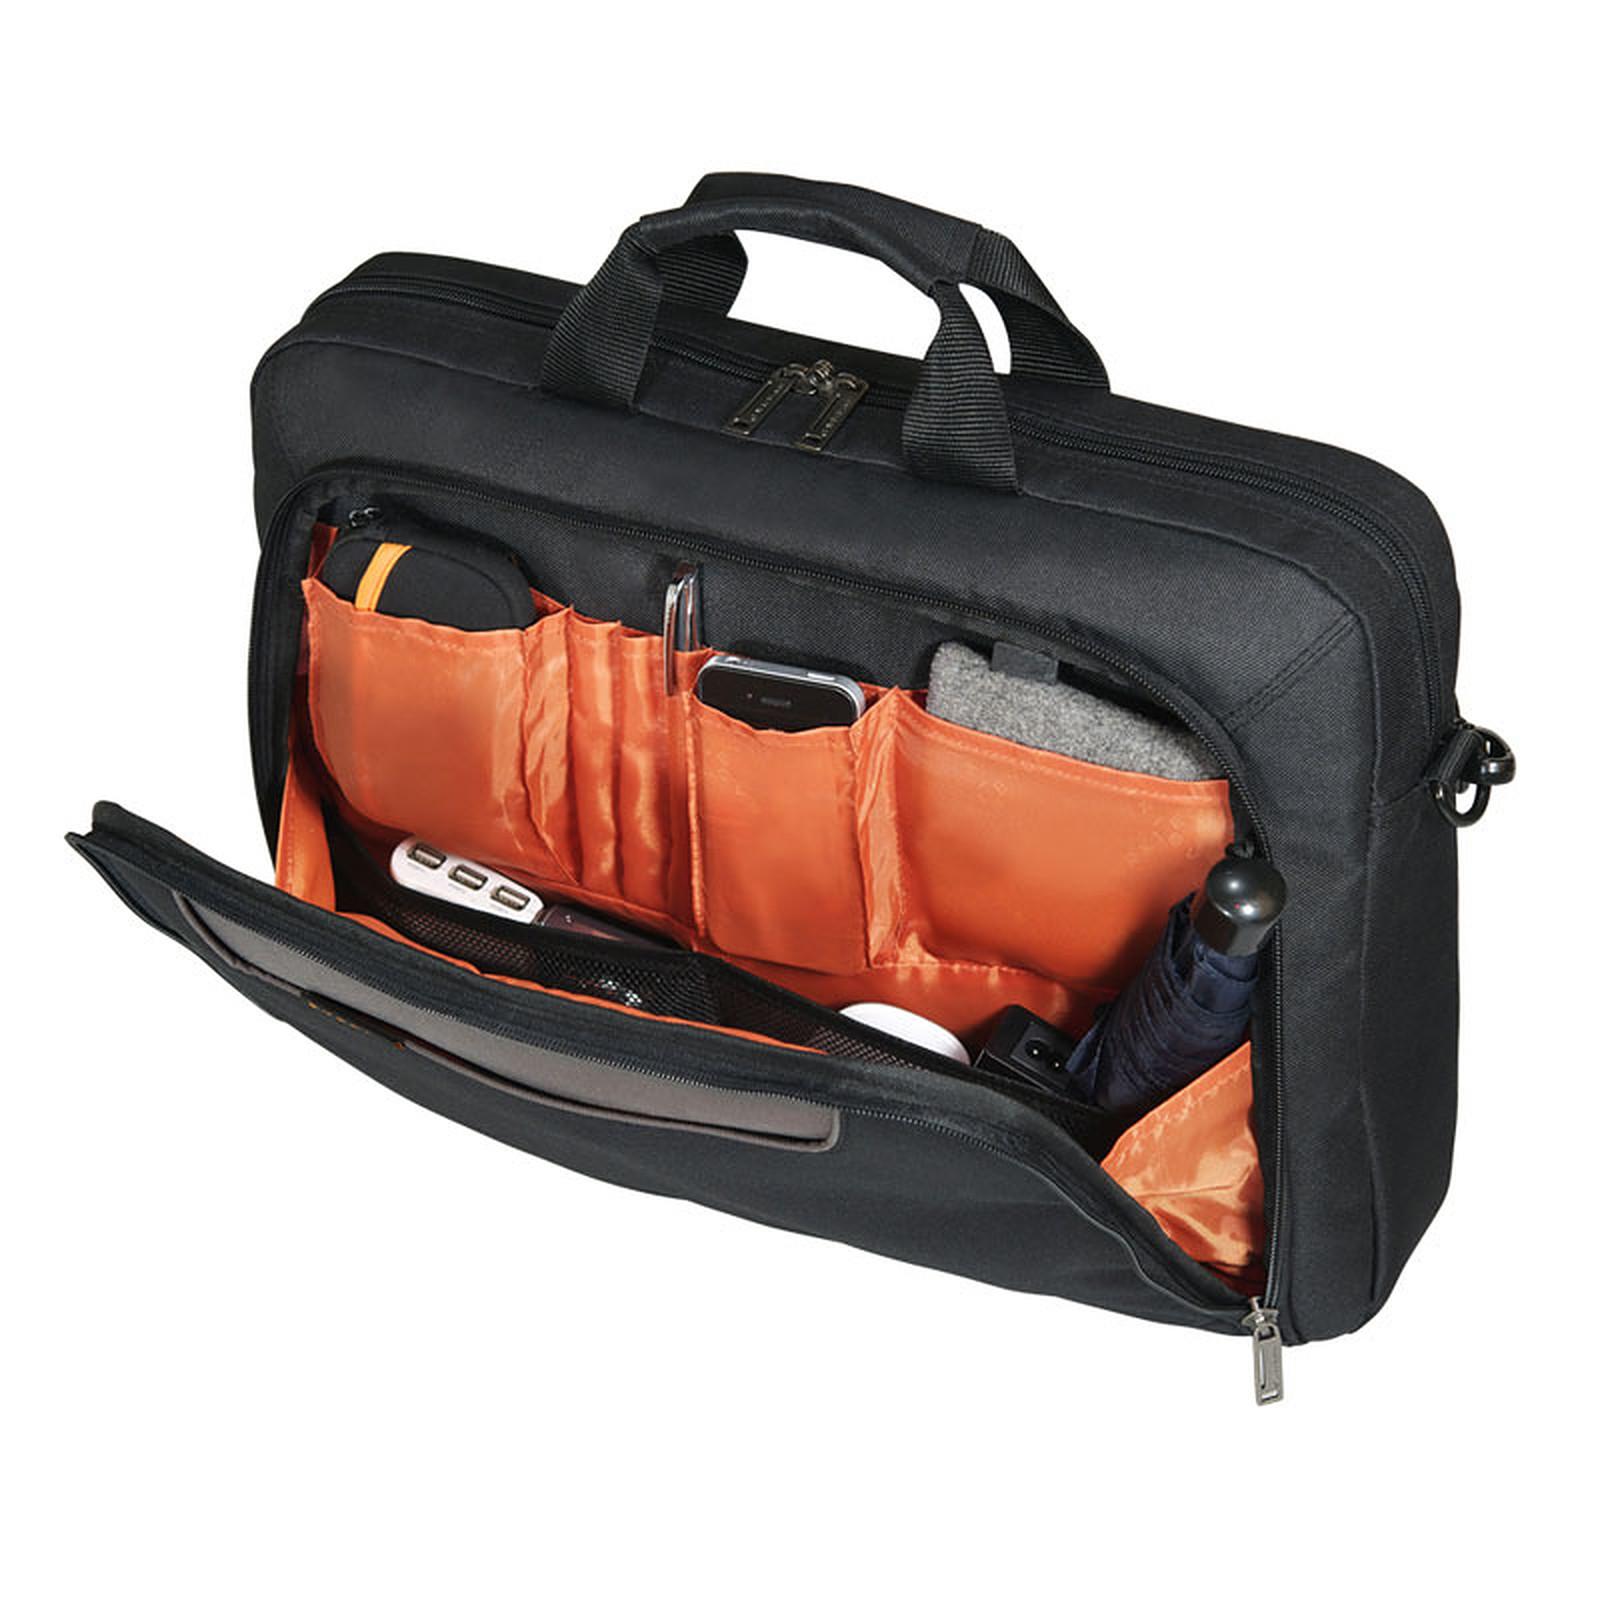 07c019dbfe ... ordinateur portable (jusqu'à 17.3 pouces) · Sac, sacoche, housse ...